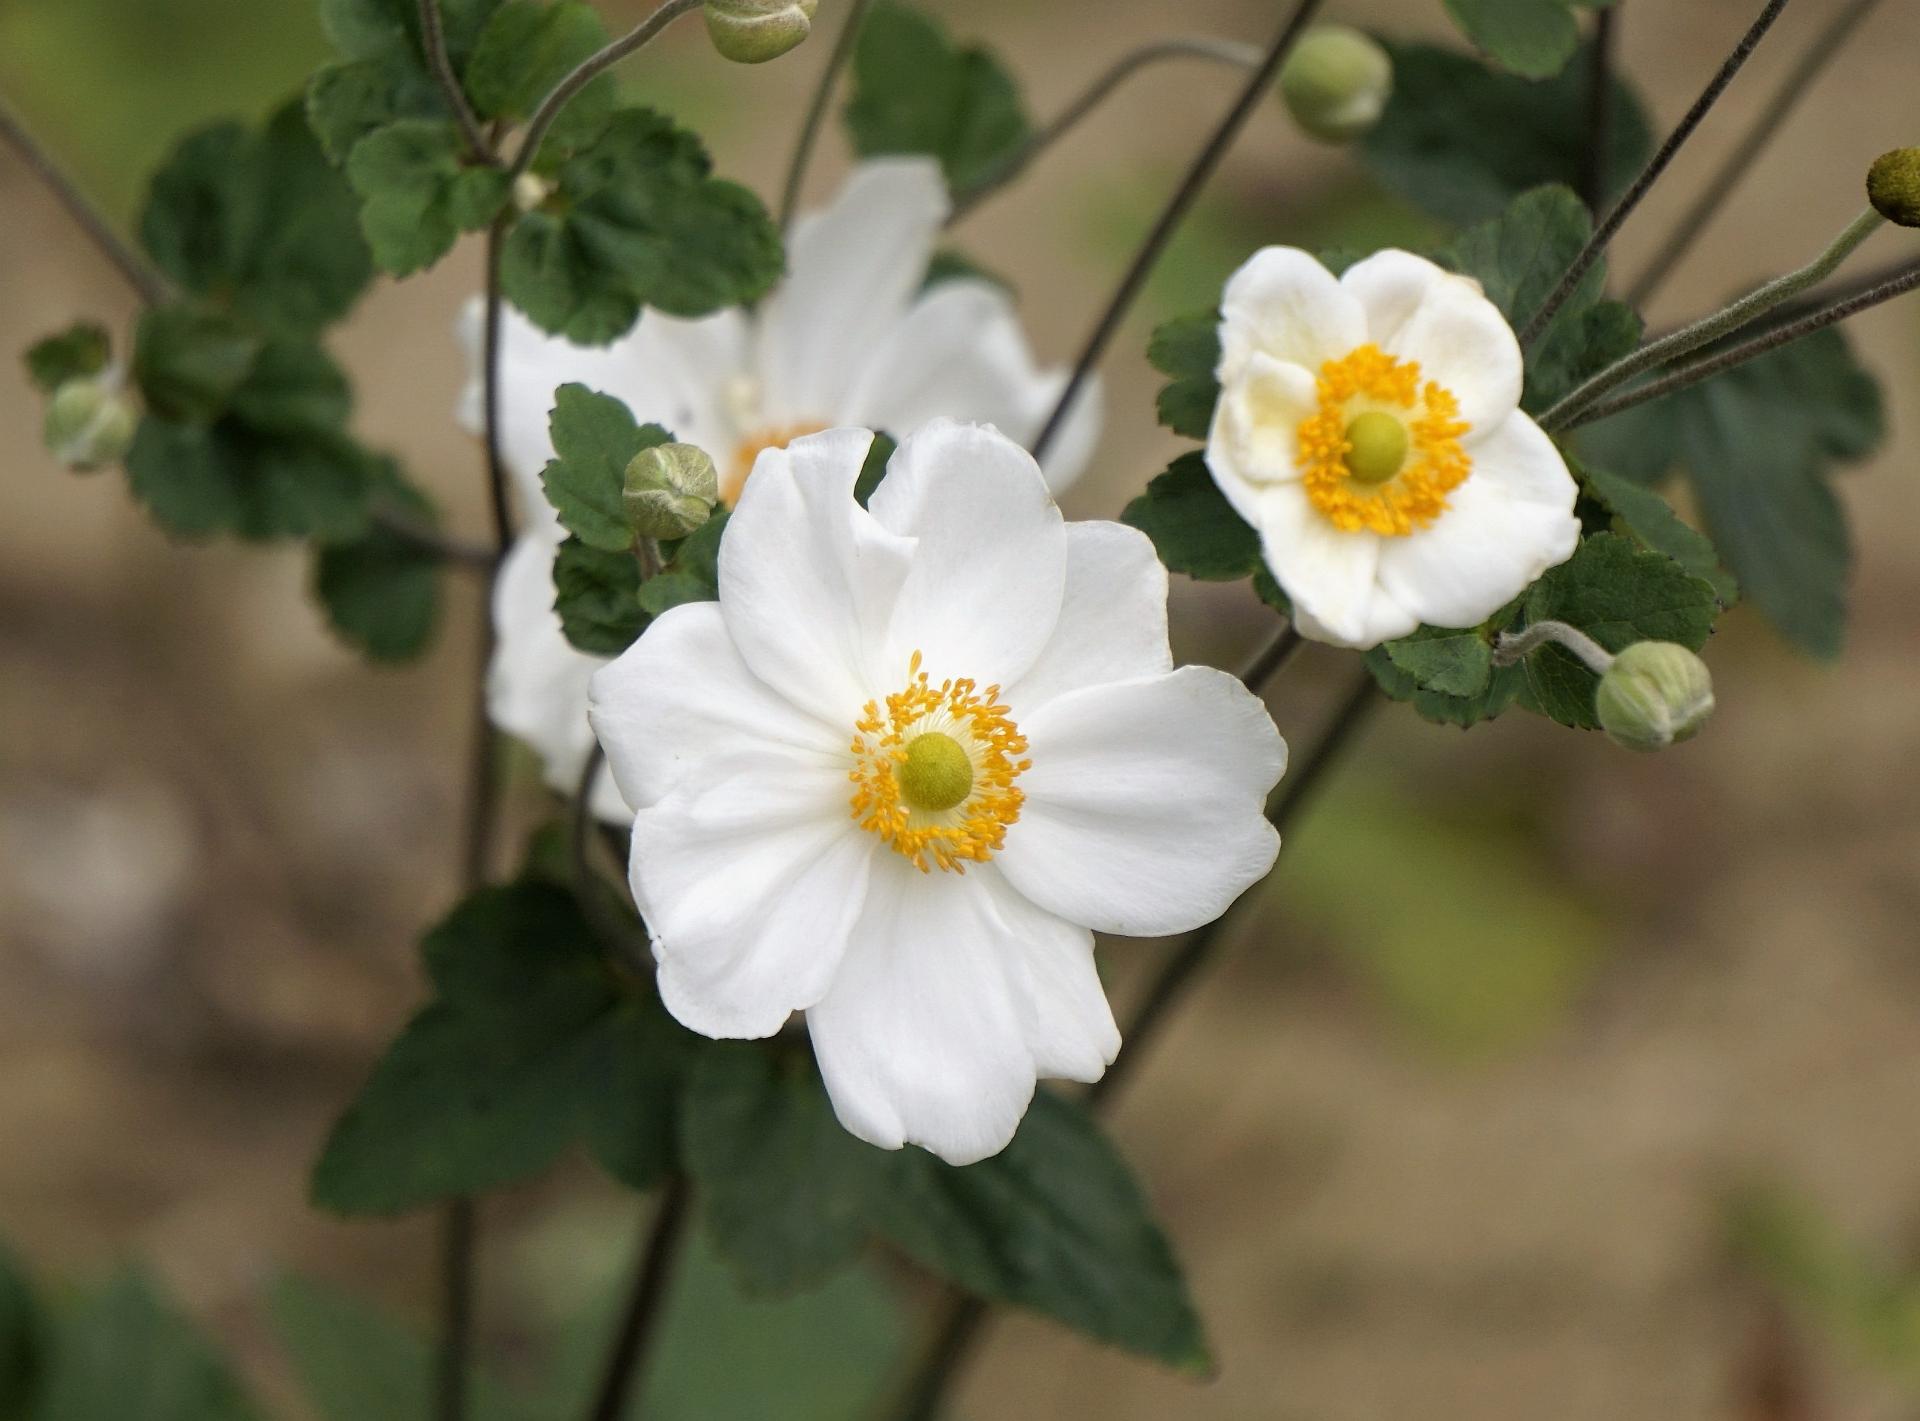 ガーデン用品屋さんの花図鑑 シュウメイギク